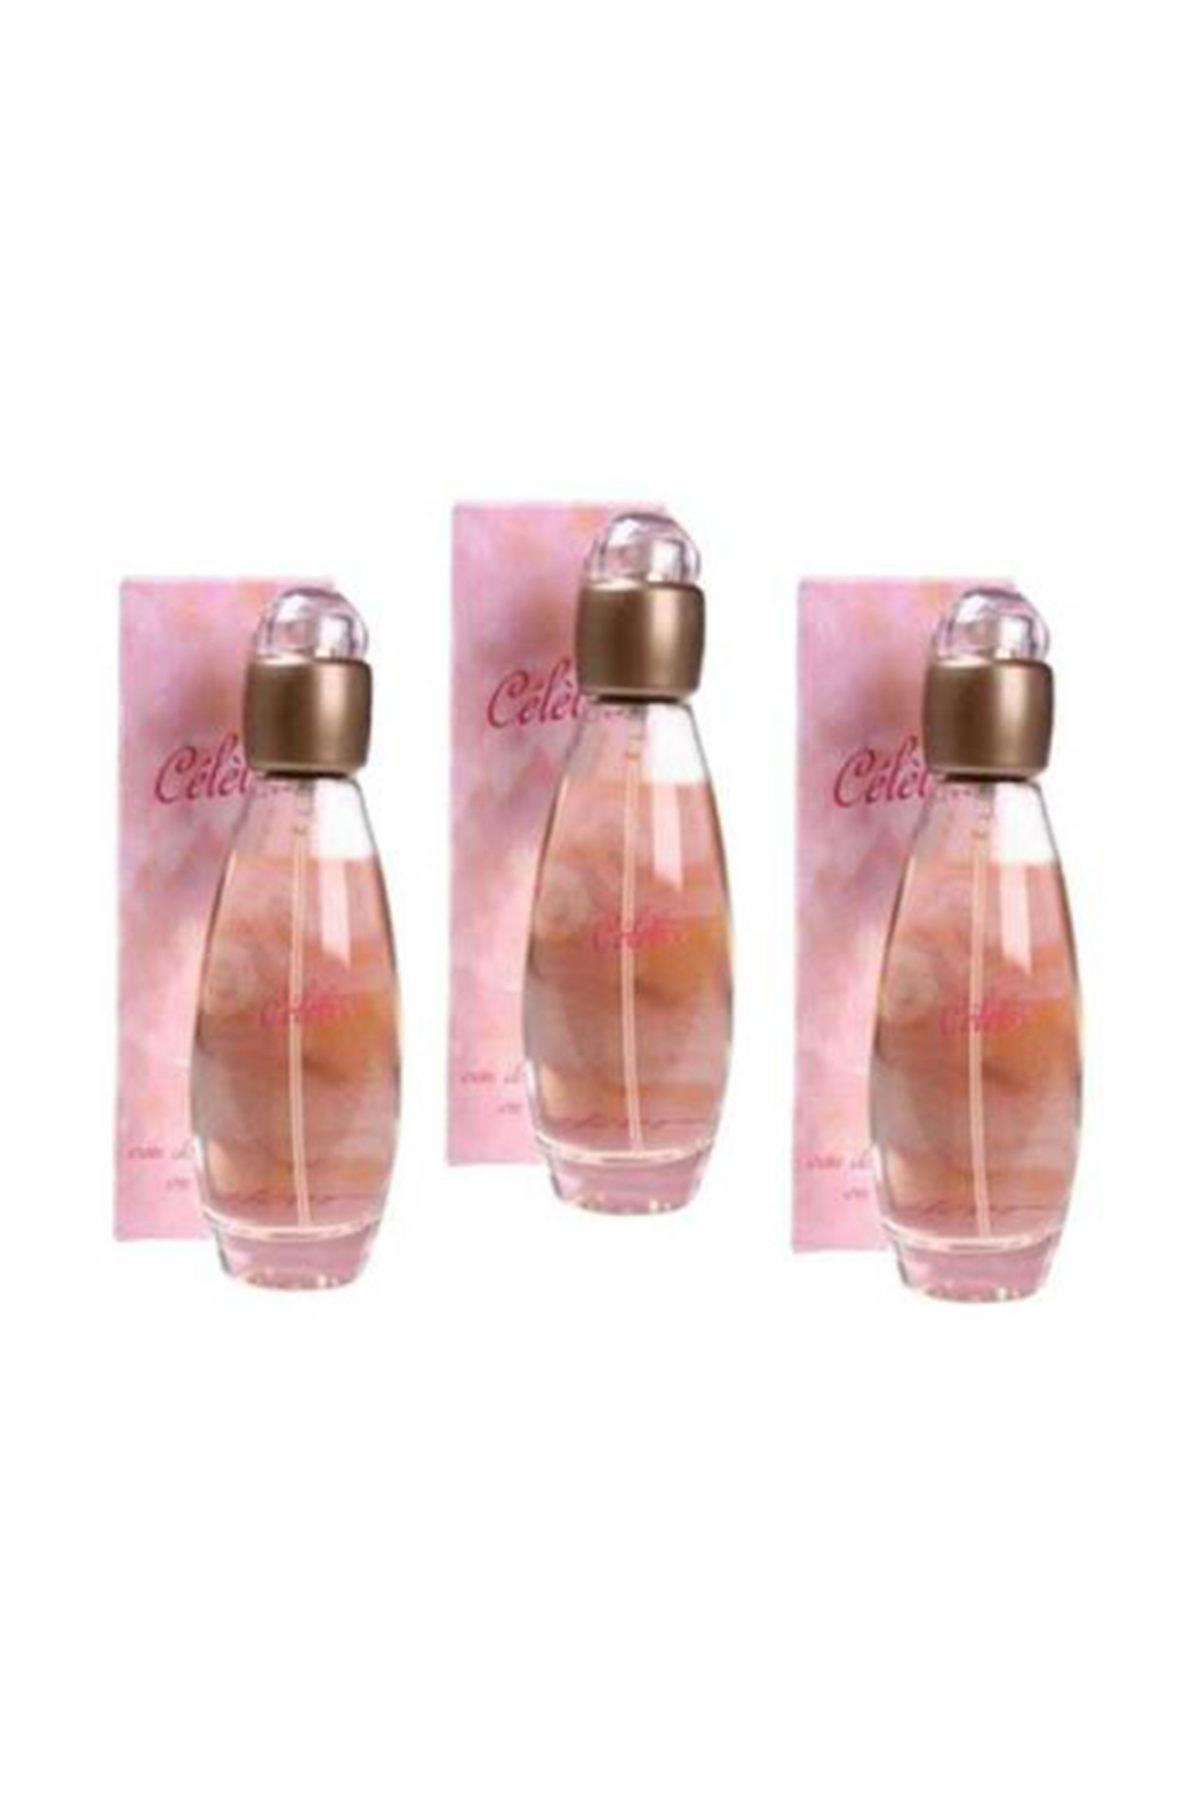 Avon Celebre Kadın Parfüm Edt 50 Ml. 3 ADET